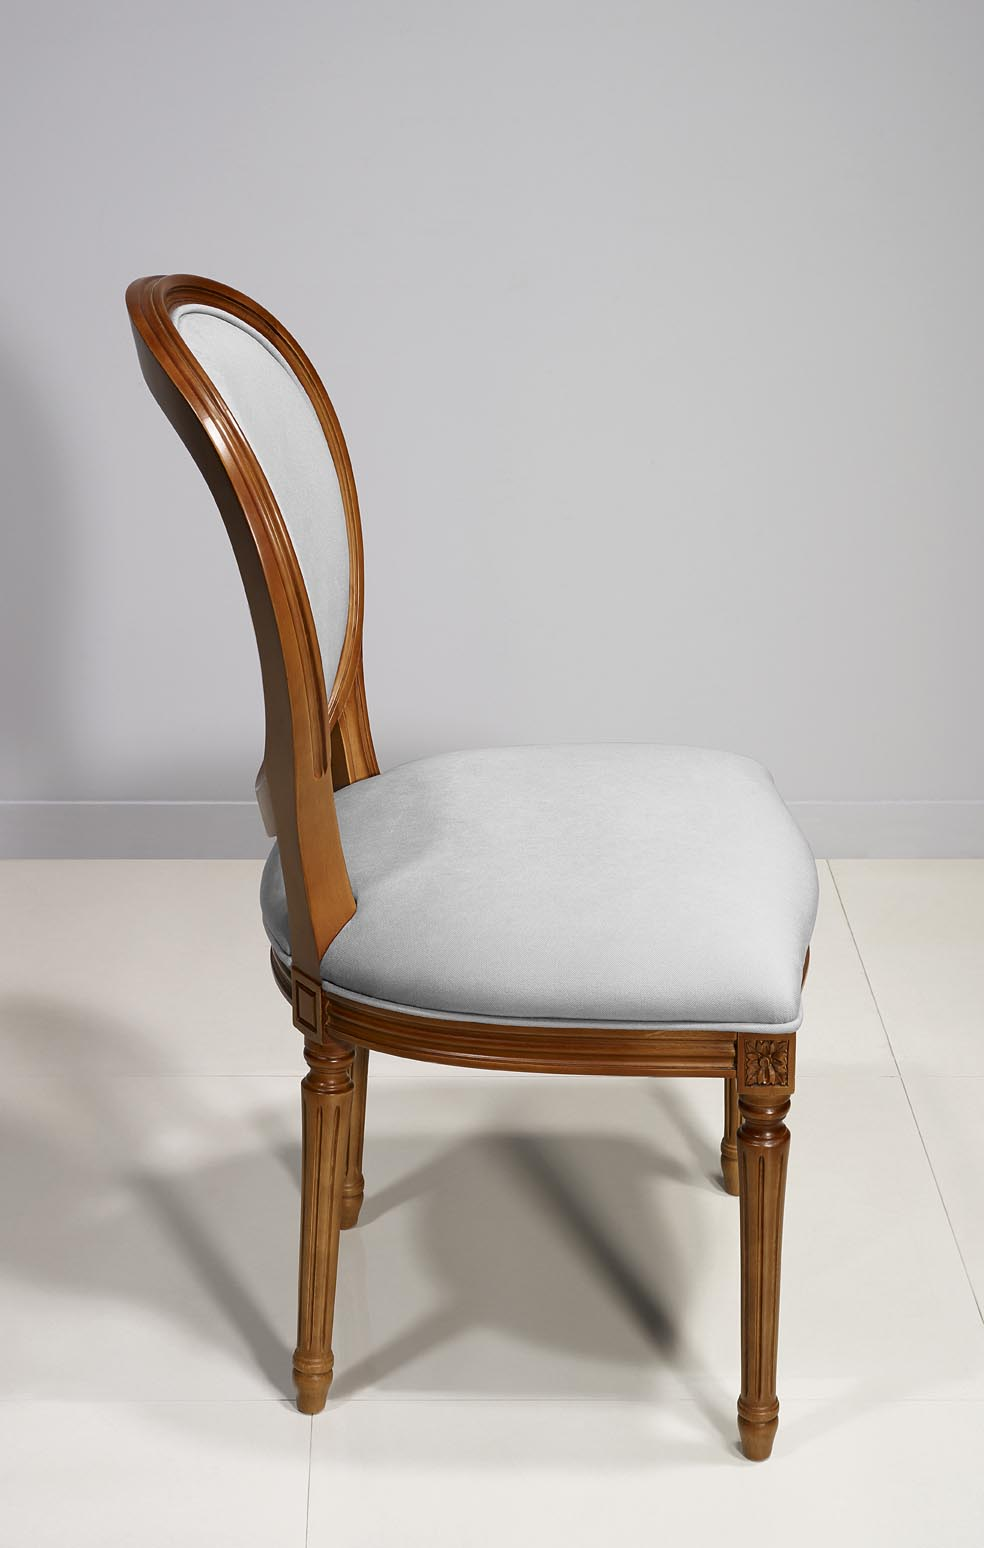 chaise emeline en merisier massif de style louis xvi suedine gris clair meuble en merisier massif. Black Bedroom Furniture Sets. Home Design Ideas